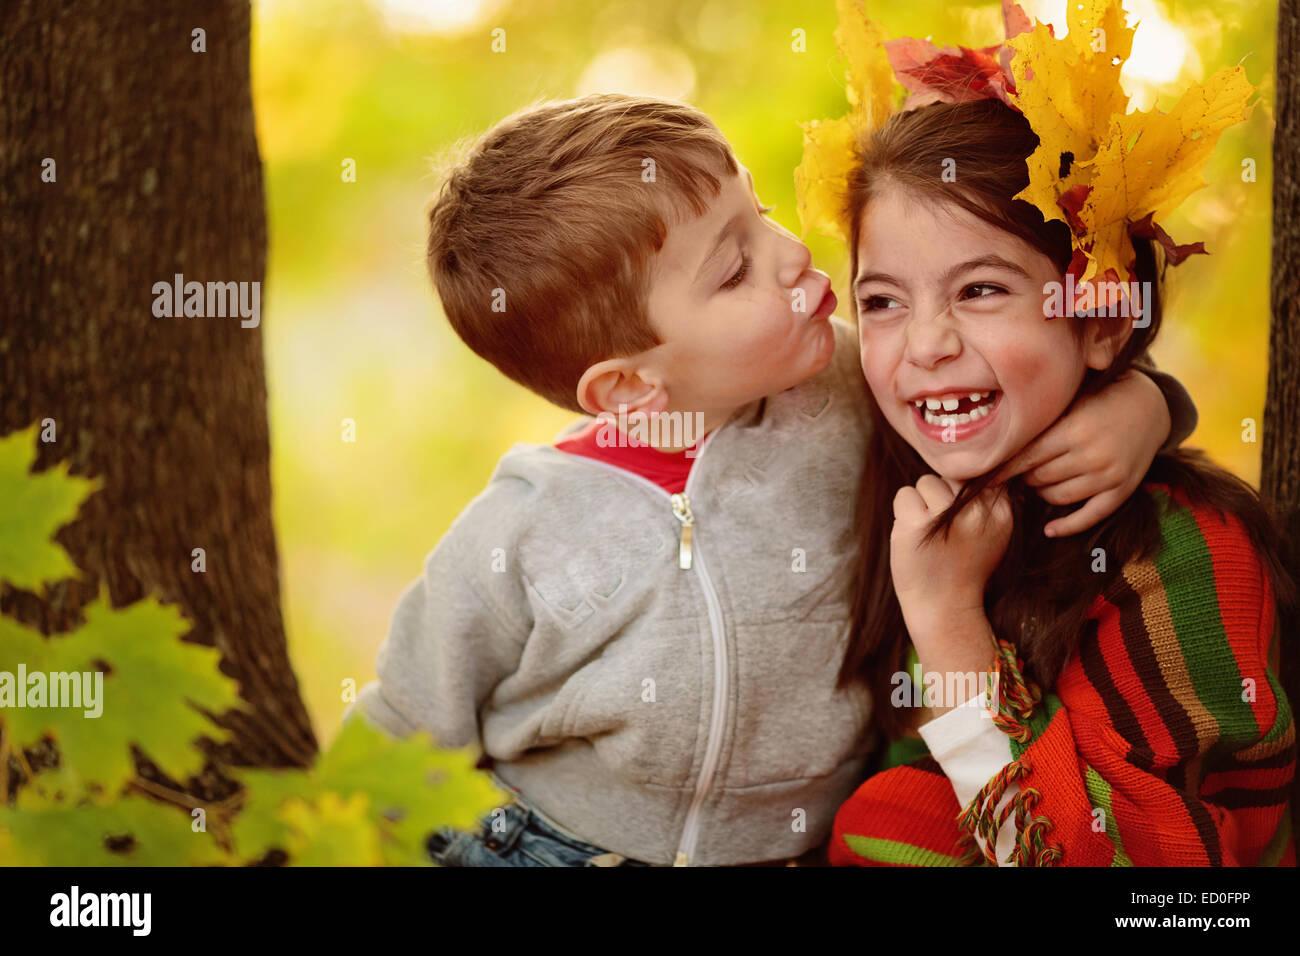 Boy hugging une fille, en essayant de l'embrasser Photo Stock